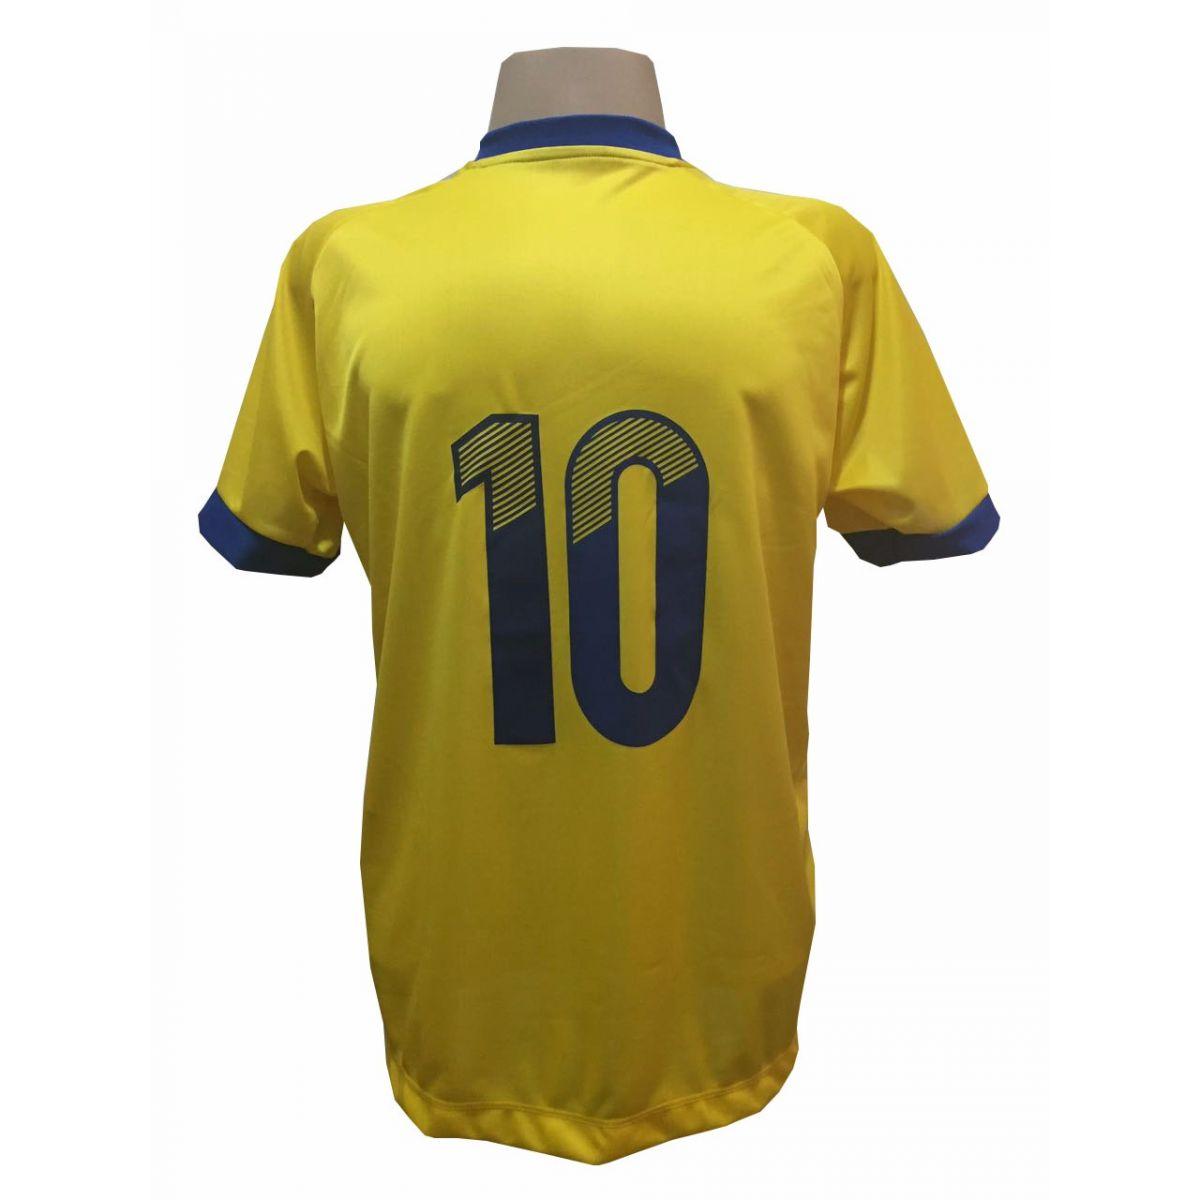 Fardamento Completo modelo Bélgica 20+2 (20 camisas Amarelo/Royal + 20 calções modelo Madrid Royal + 20 pares de meiões Royal + 2 conjuntos de goleiro) + Brindes